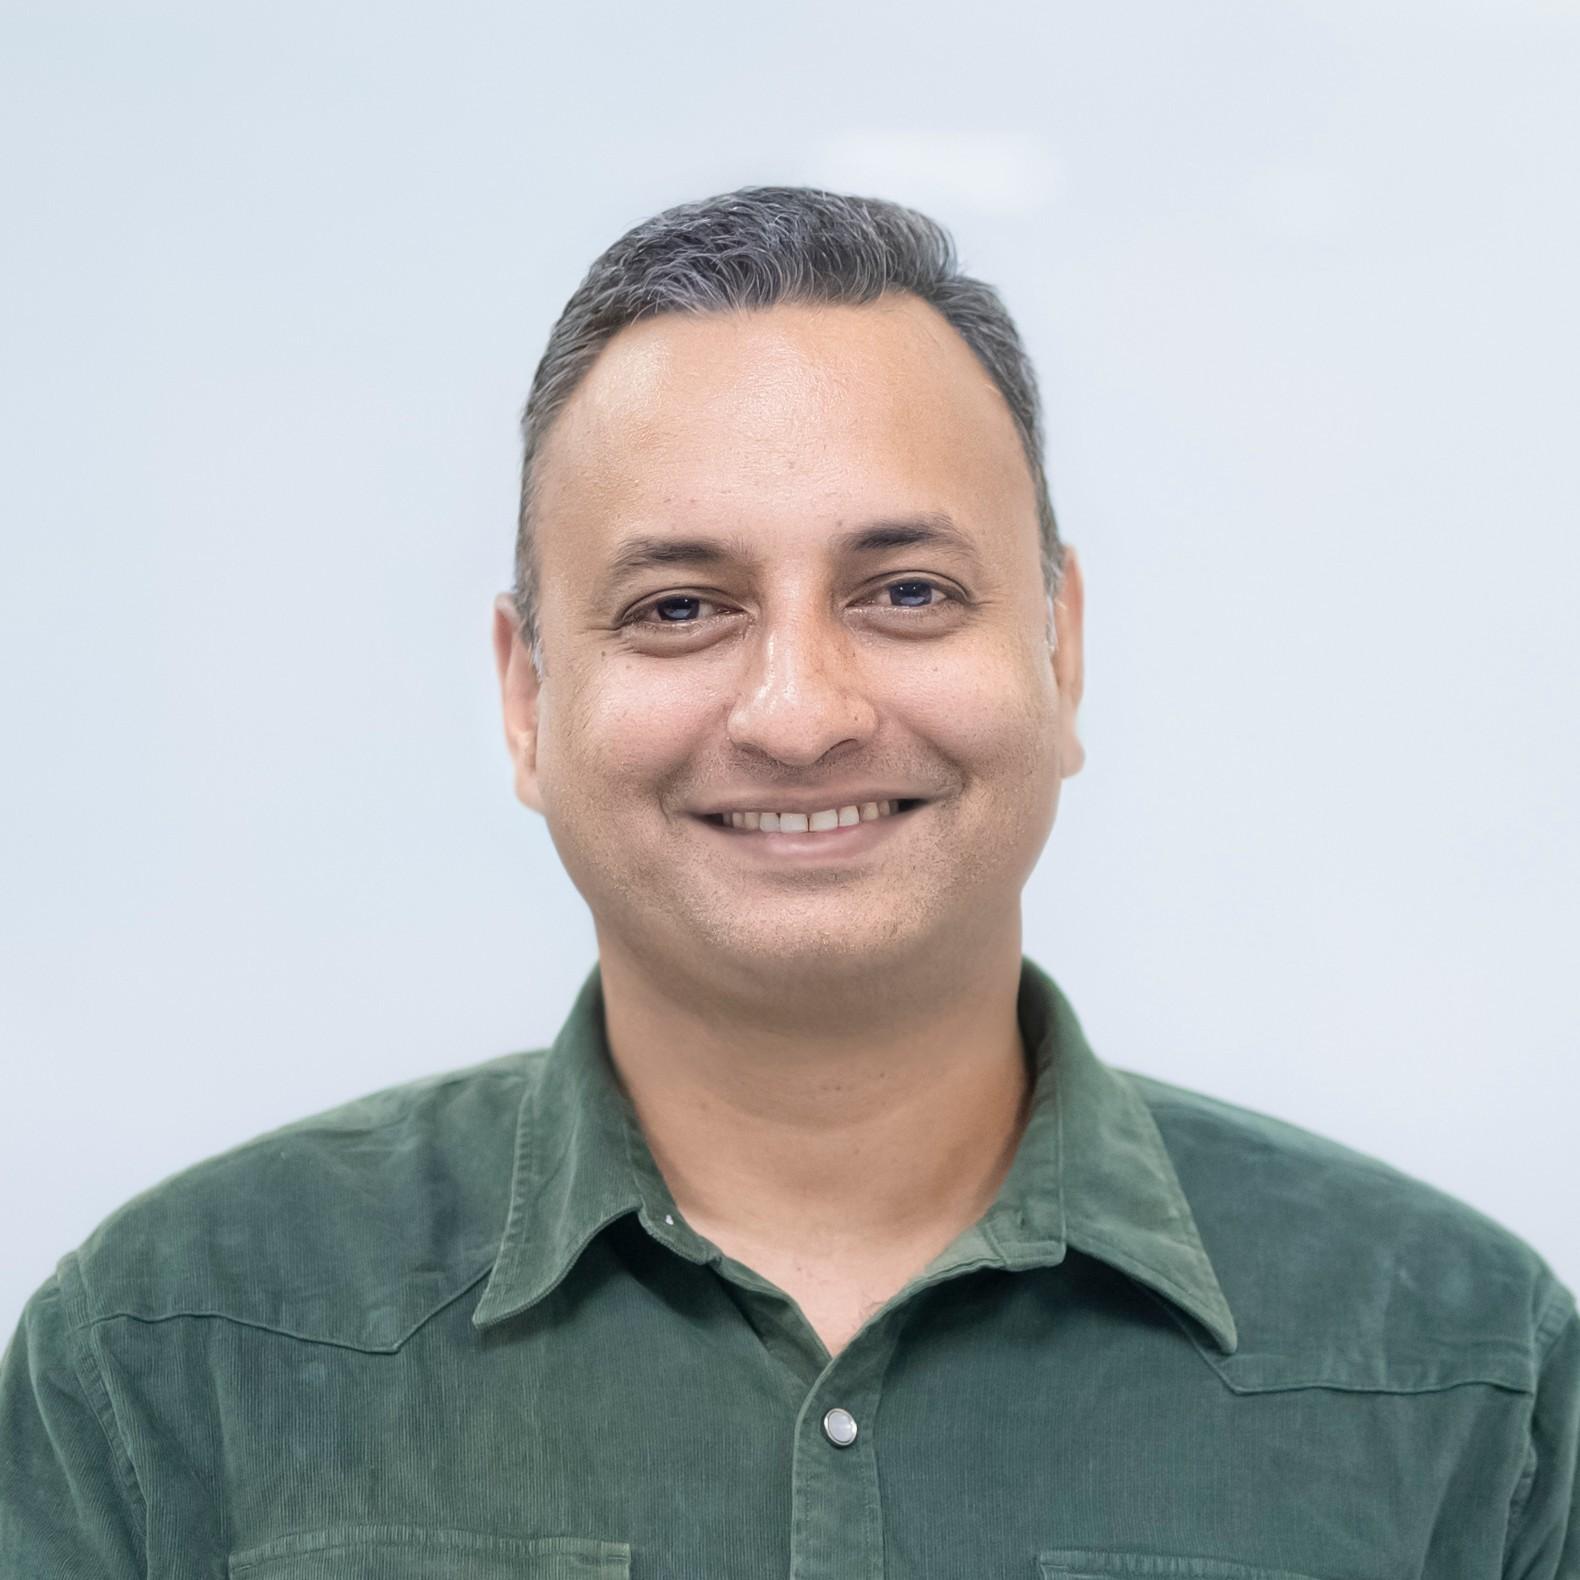 S.Karthik Venkateswaran